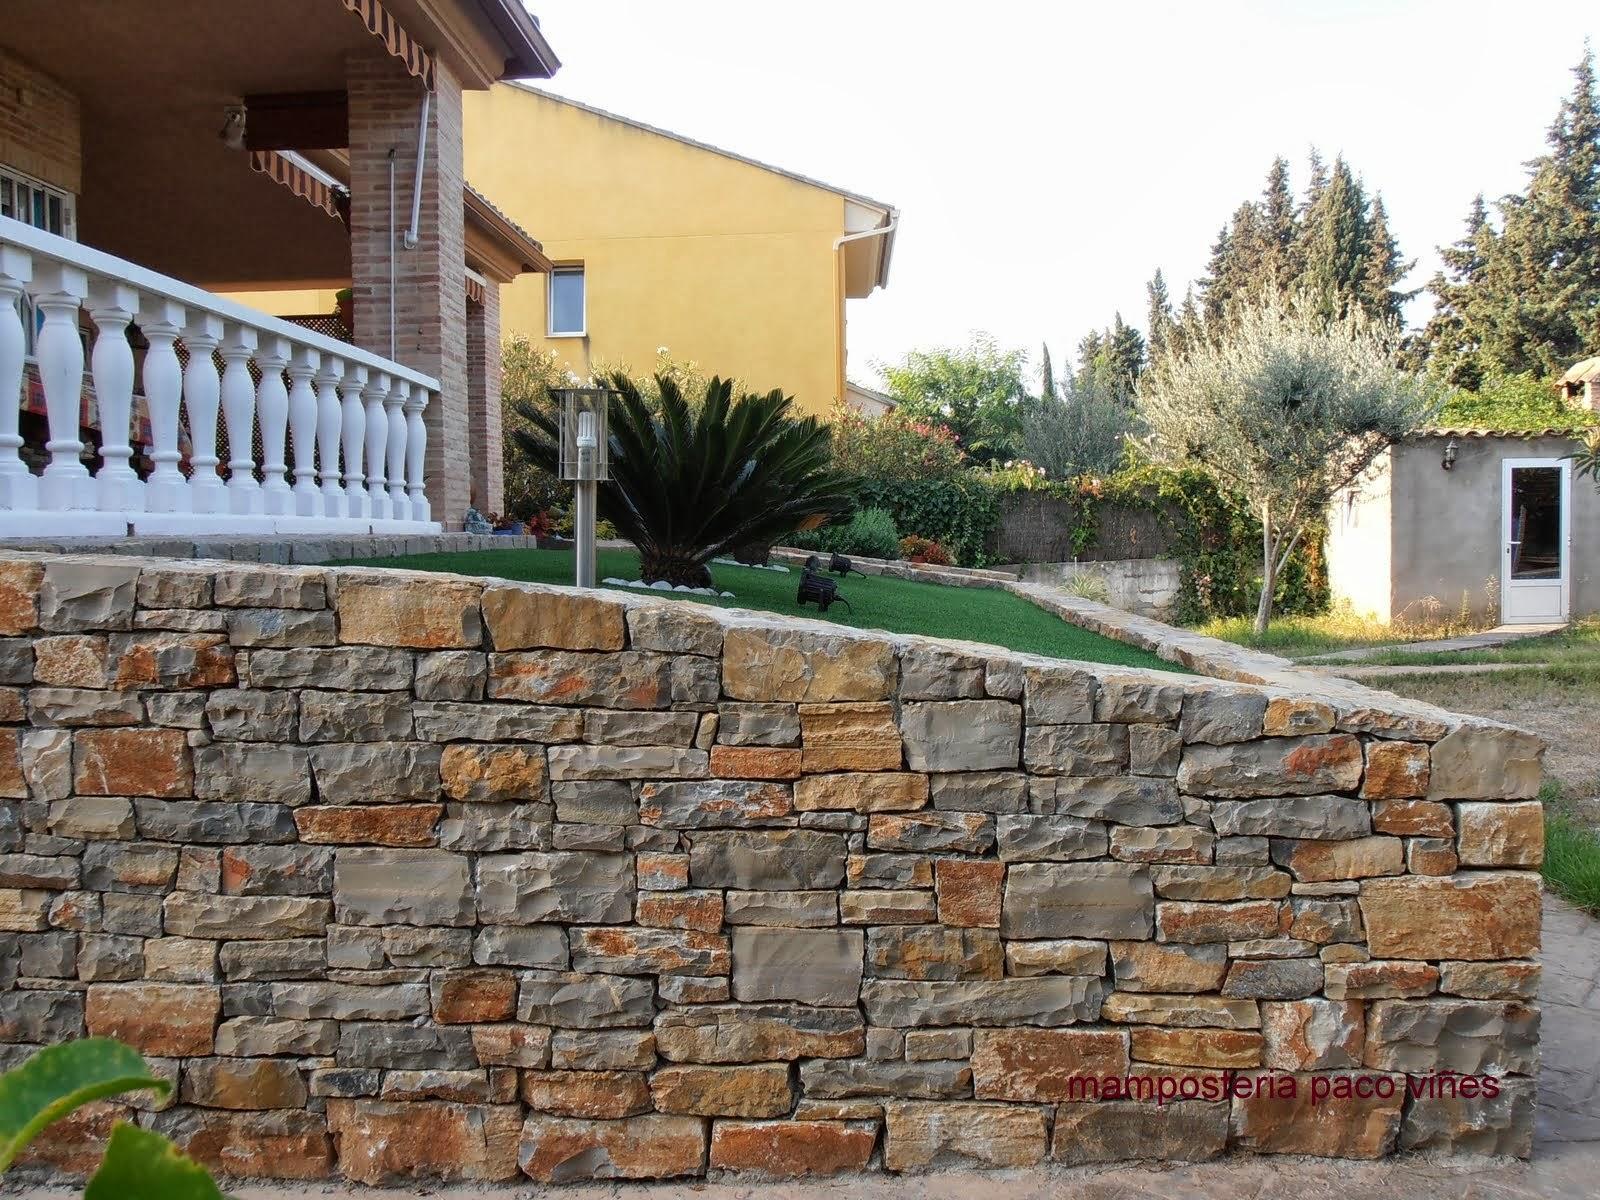 Piedra para jardin mamposteria paco vi es - Muros para jardin ...